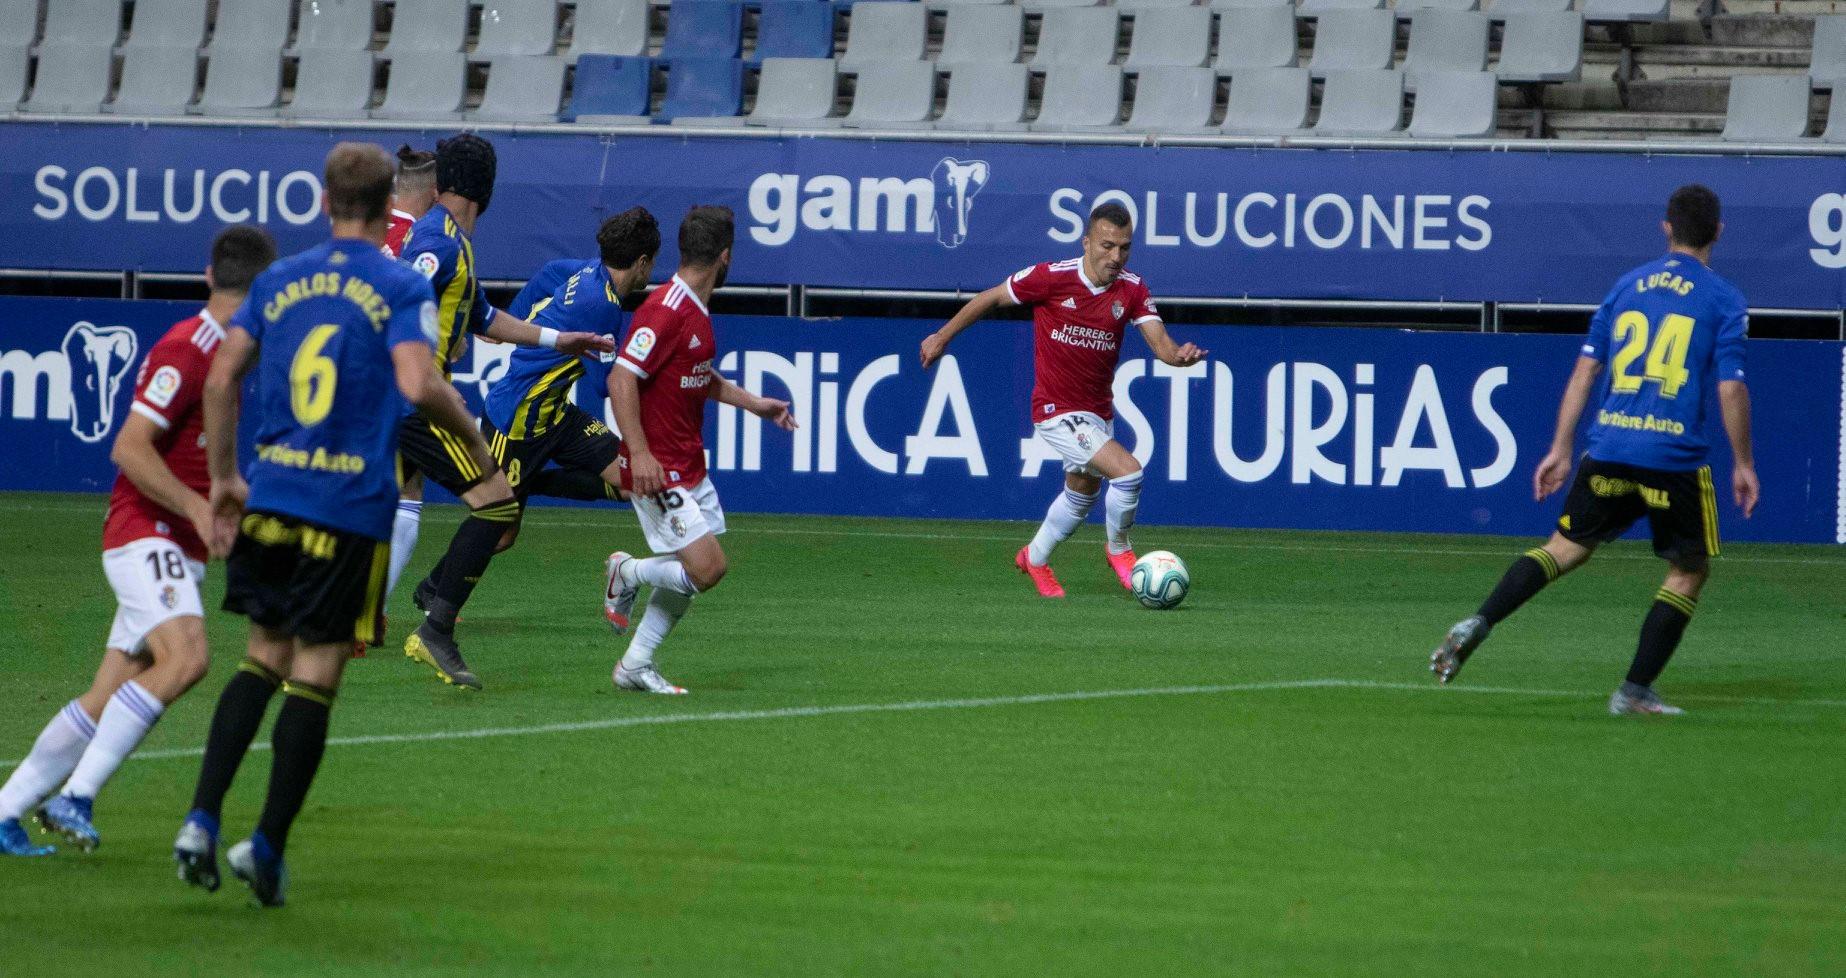 Real Oviedo 0 - SD Ponferradina 0. La Deportiva regresa de Oviedo con la sensación de haber dejado escapar los tres puntos 10